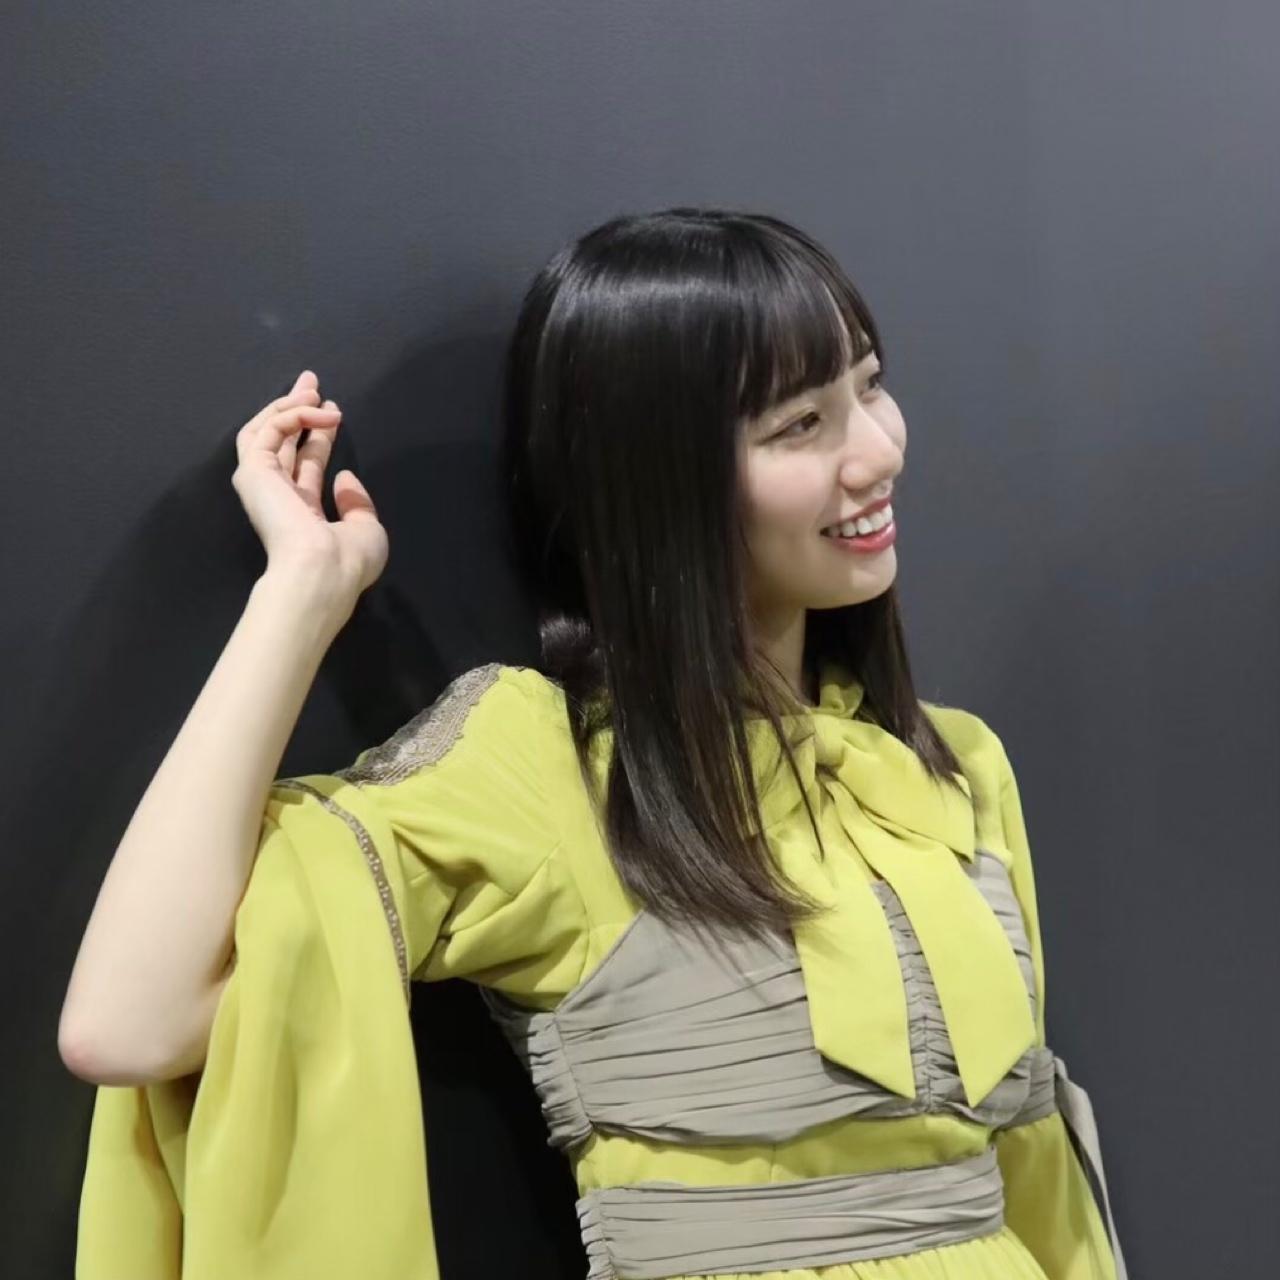 河田陽菜ちゃんの「19歳」